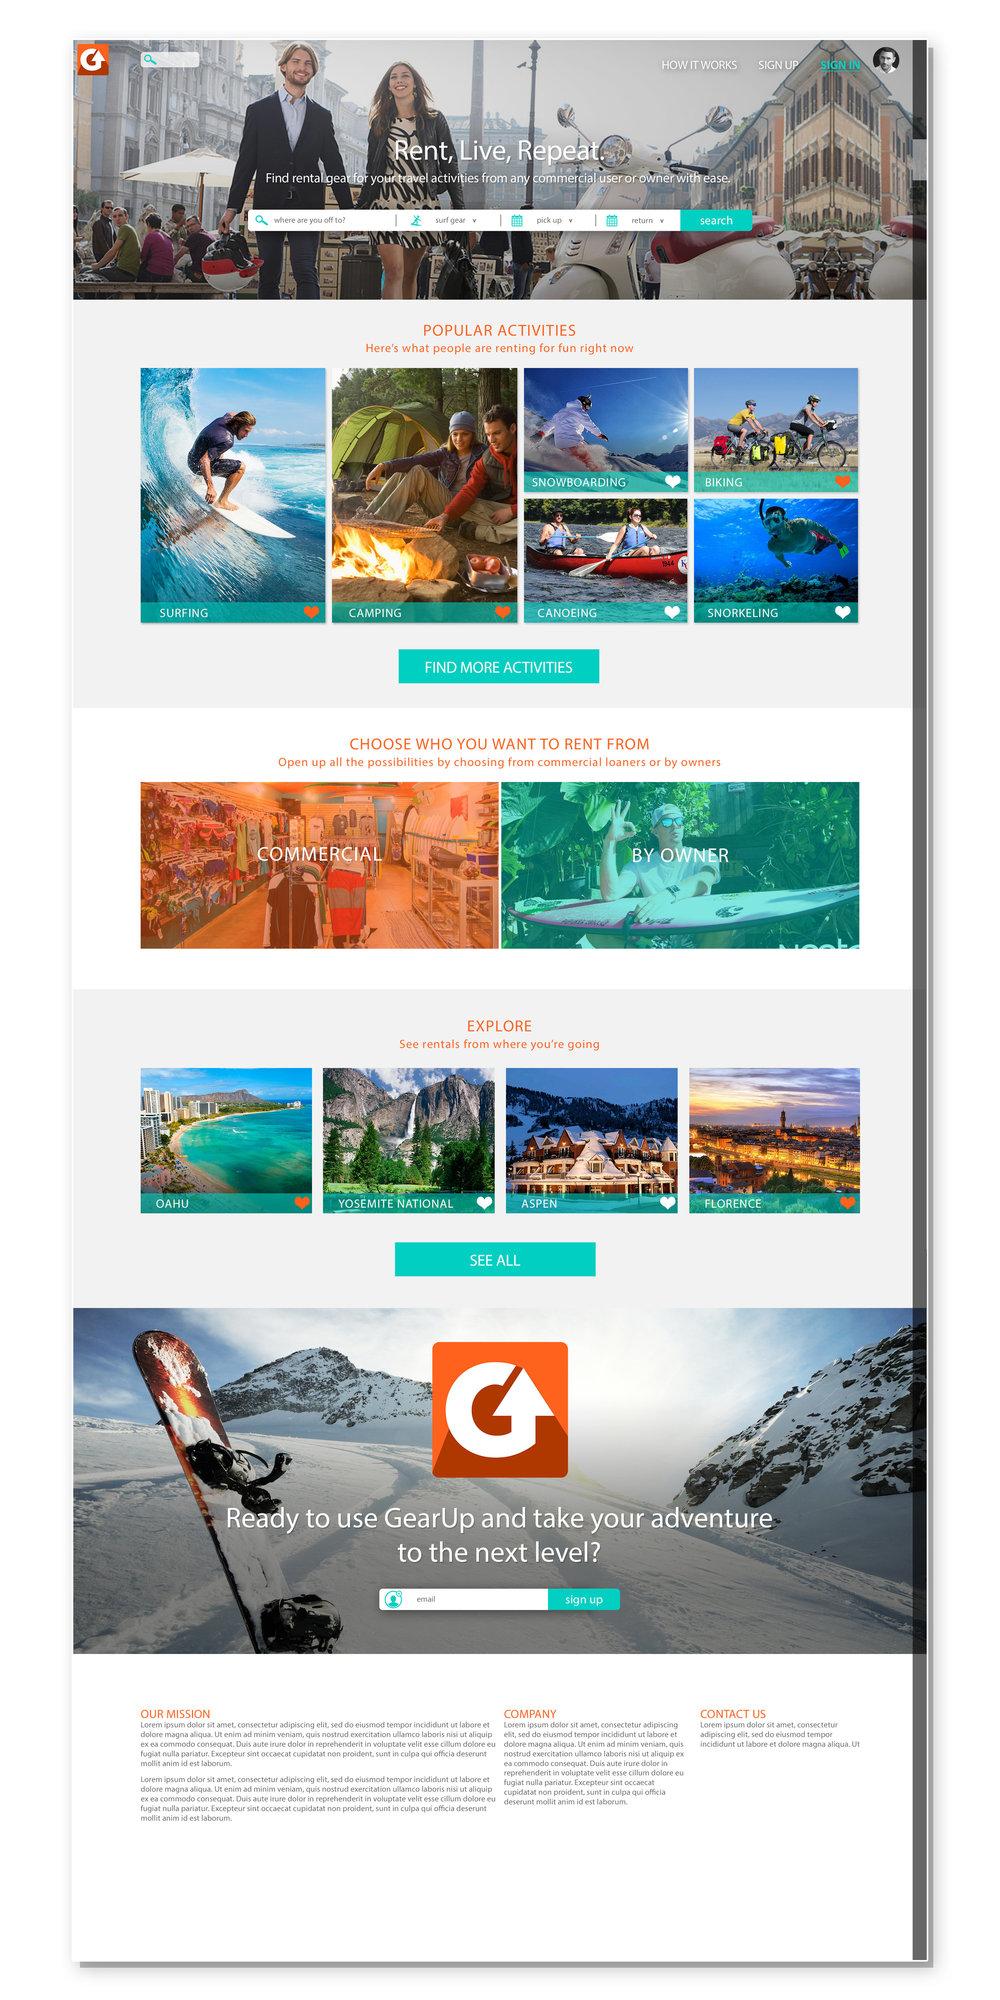 GearUp_desktop.jpg